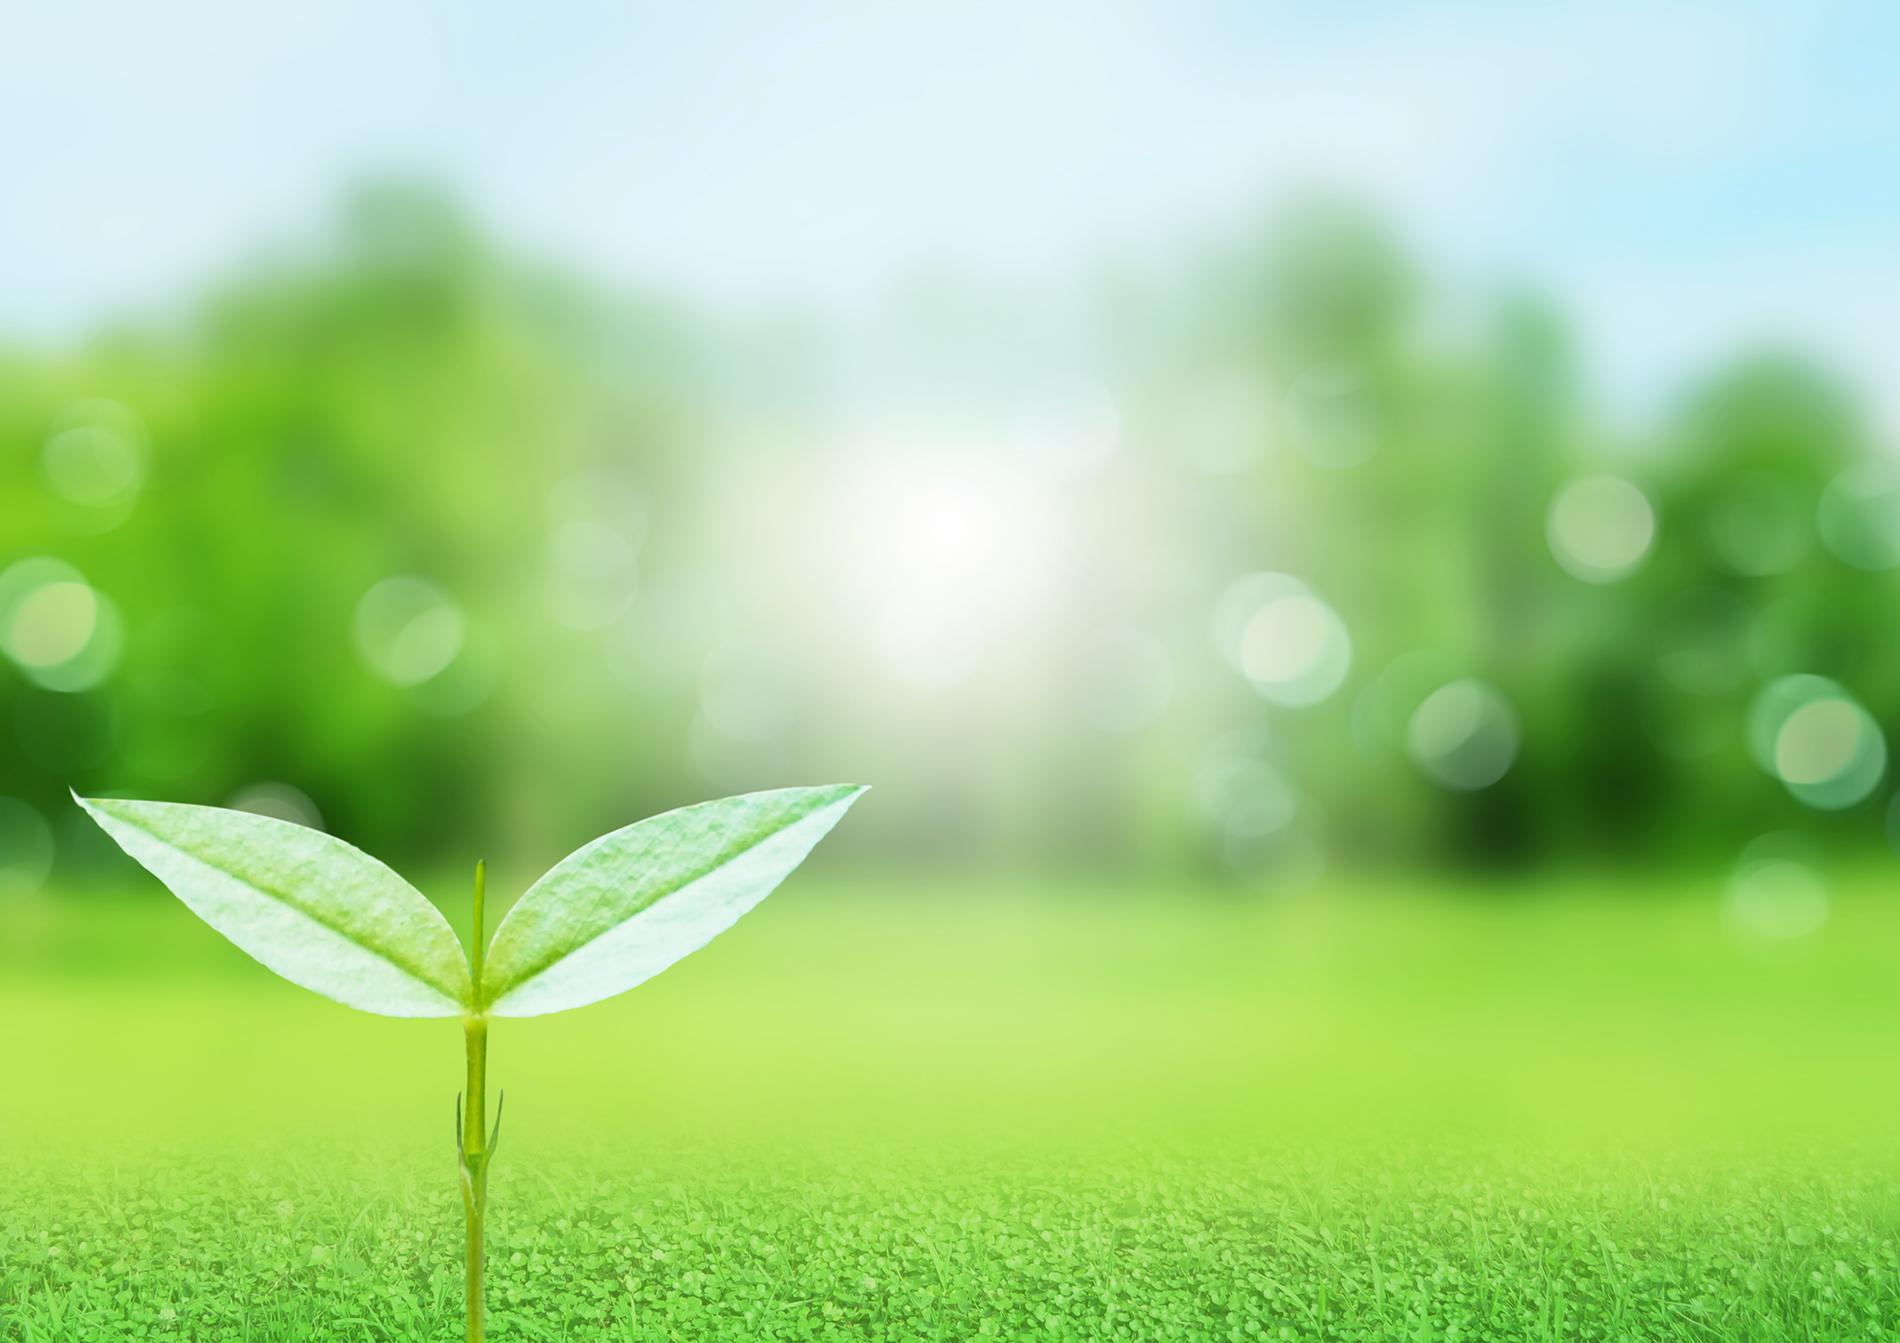 6月「環境月間」:再エネ100%目標、その他活動など